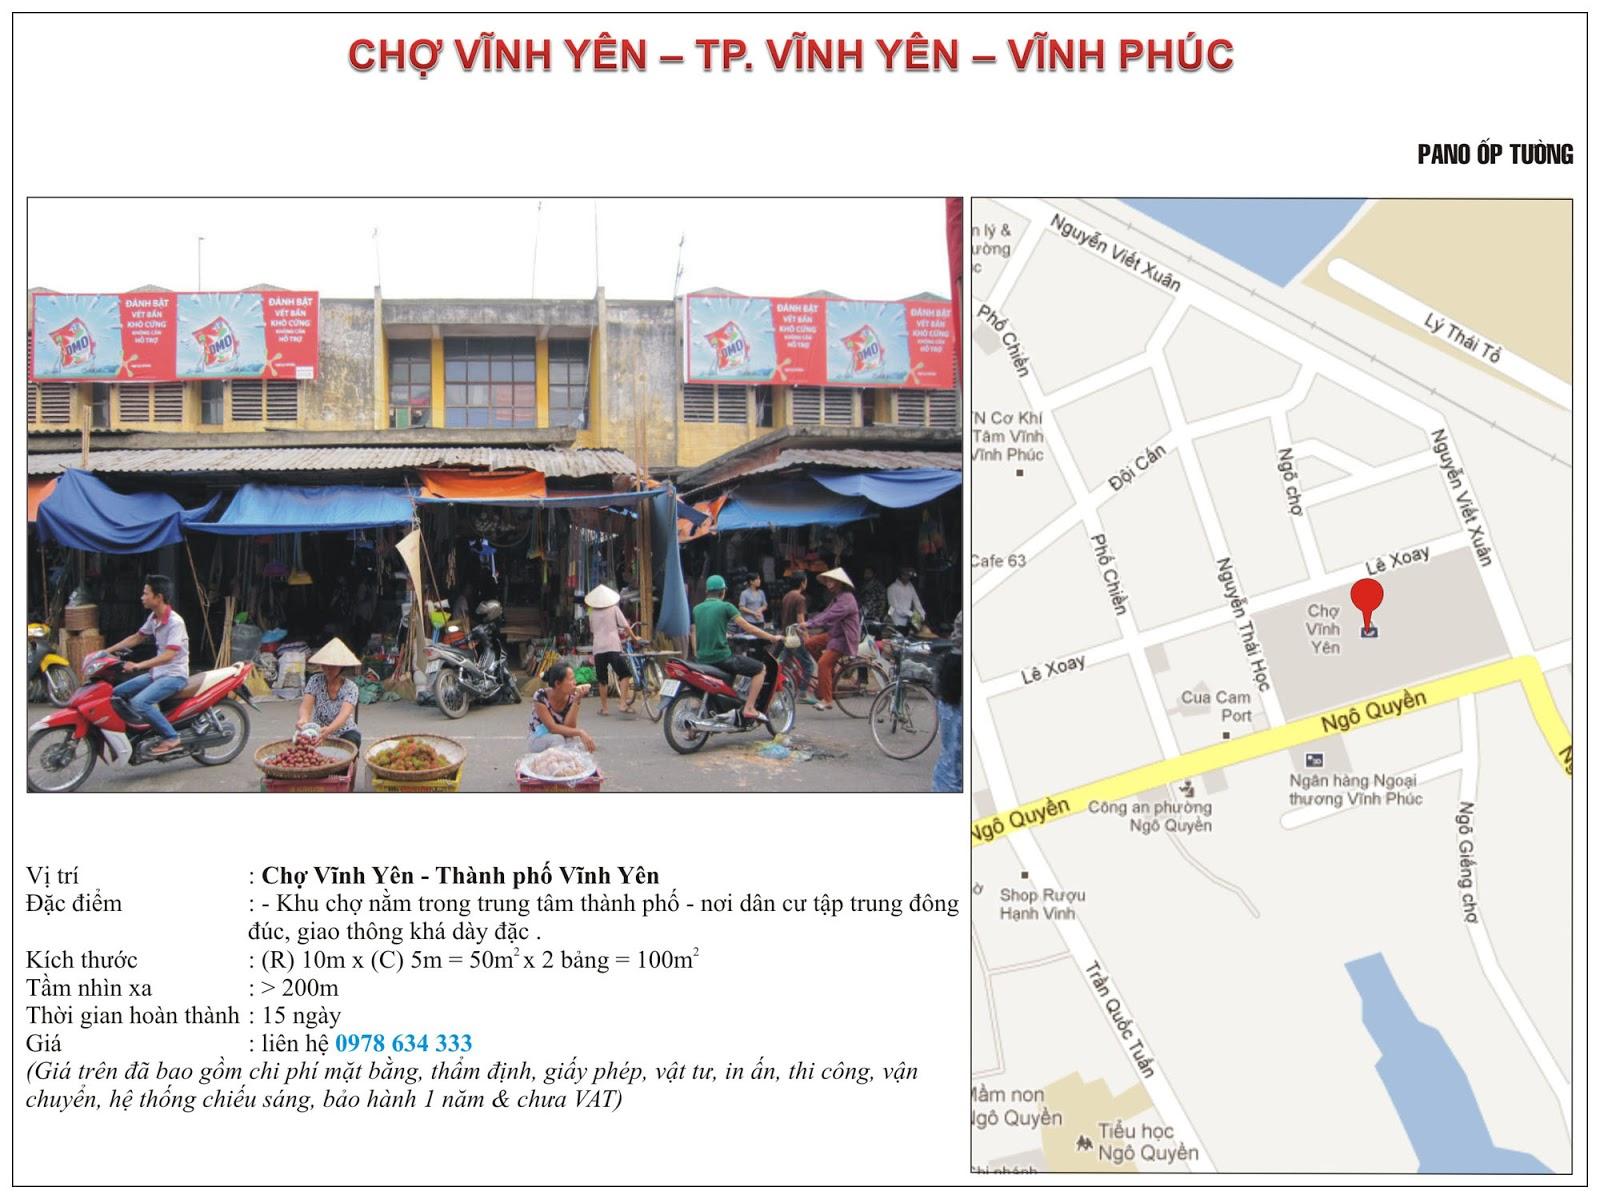 Quảng cáo tại chợ Vĩnh Yên - Vĩnh Phúc